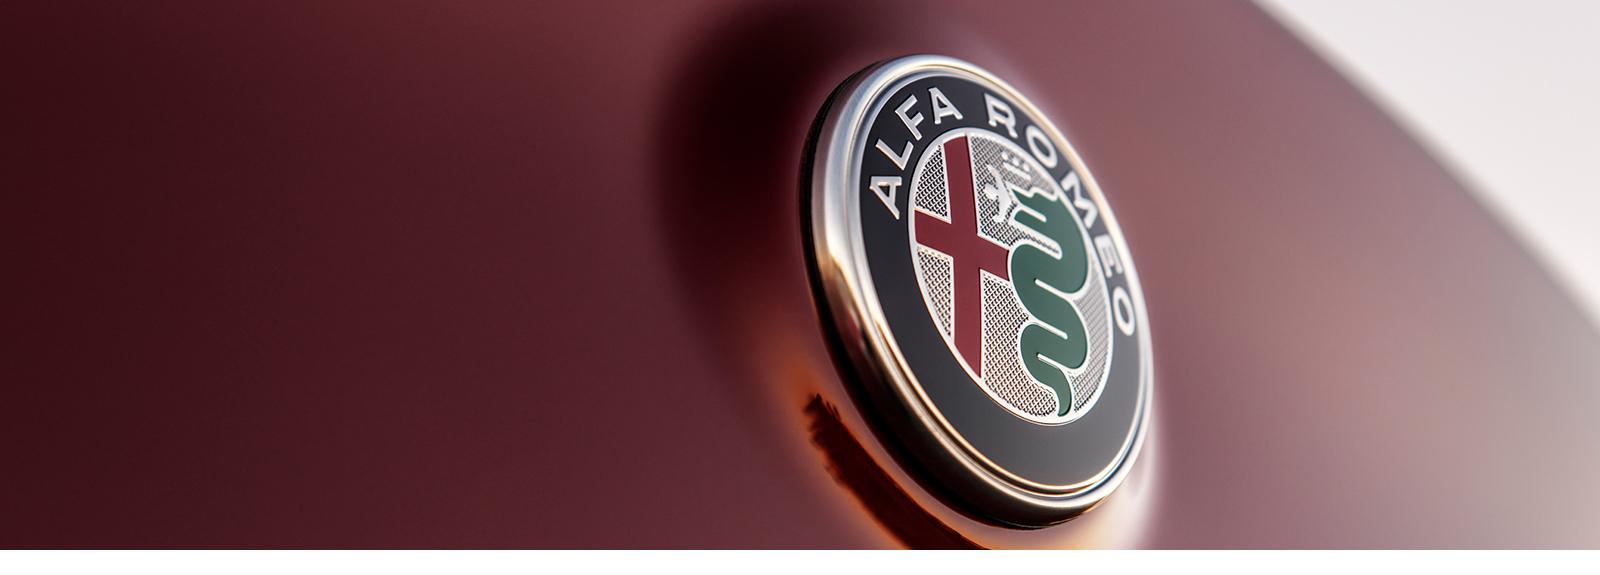 Primer plano del emblema de Alfa Romeo.